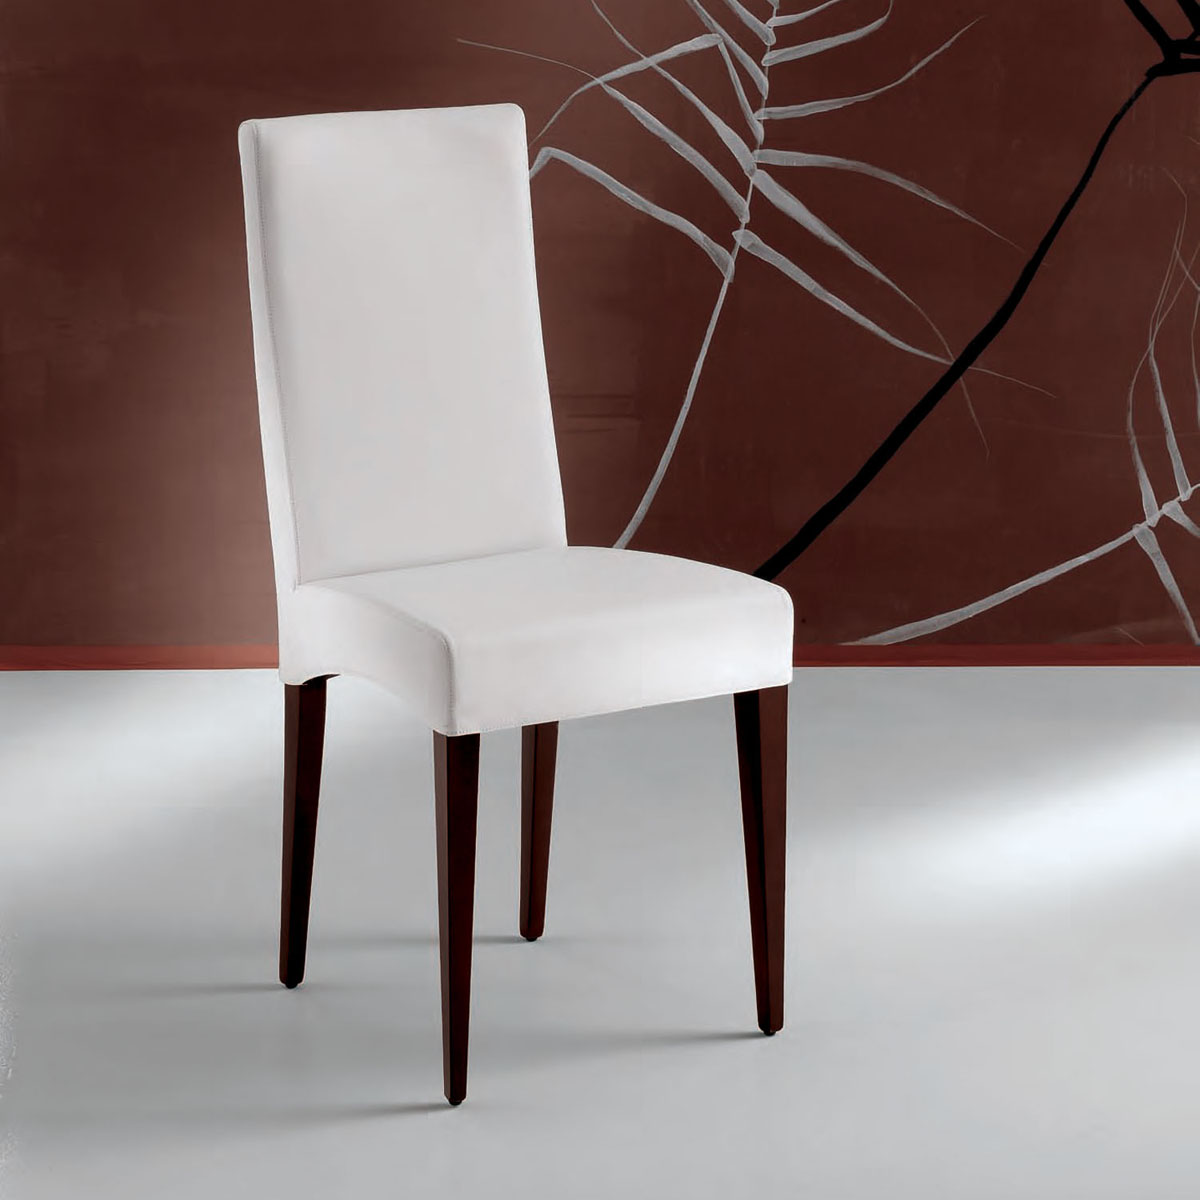 Sillas de piel sillas de comedor tapizadas for Sillas de comedor tapizadas modernas